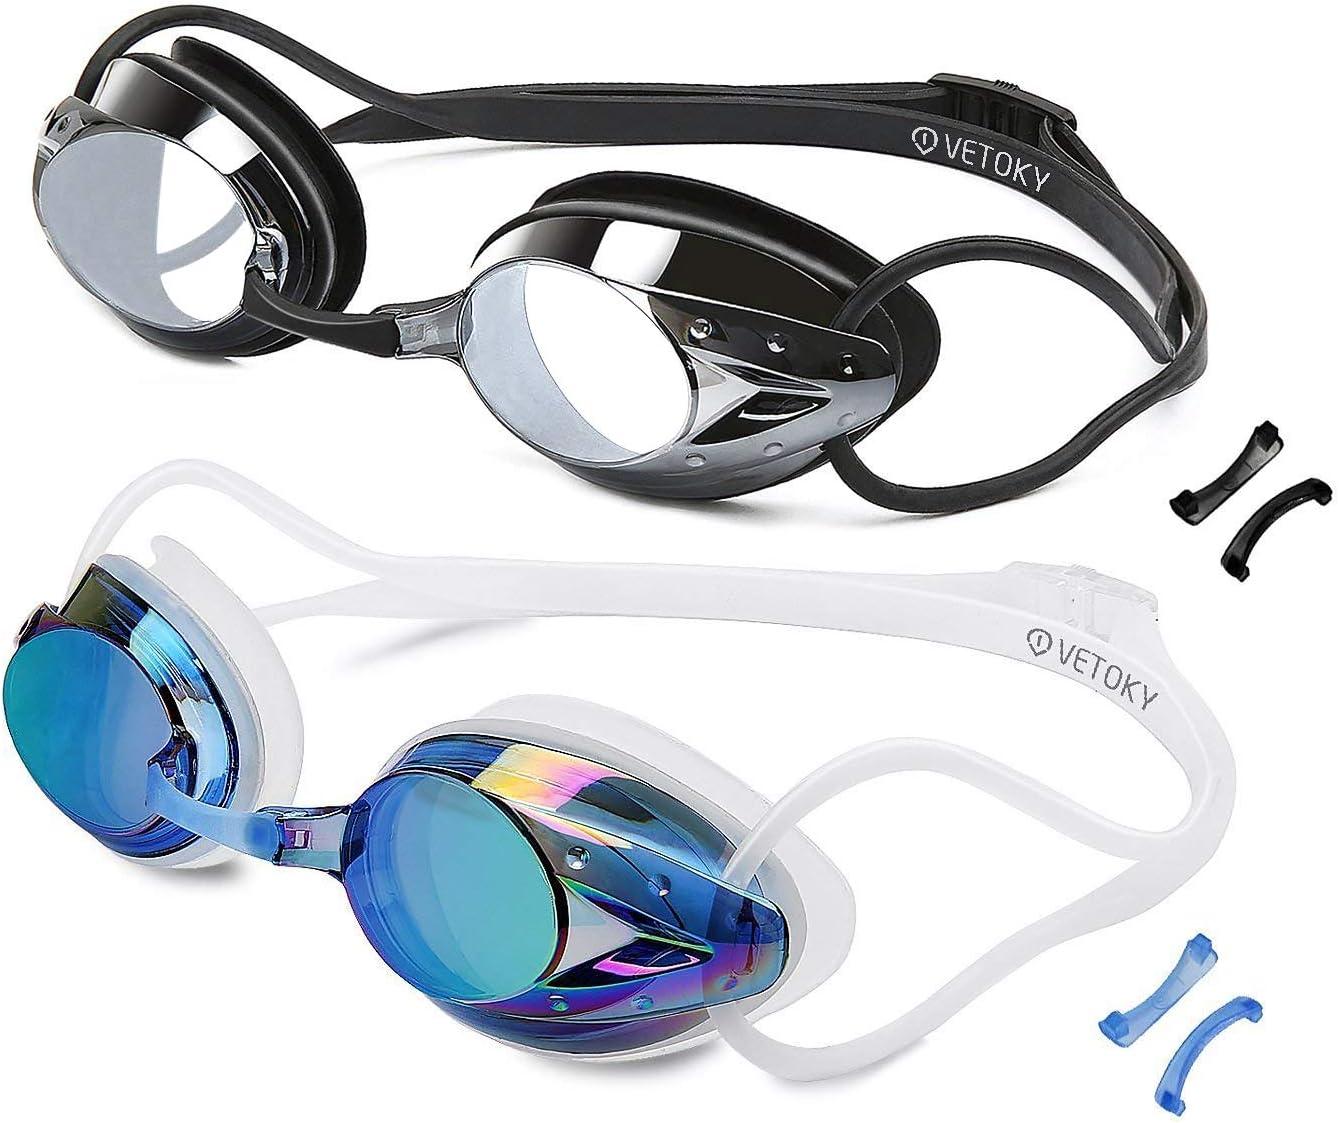 vetoky Swim Goggles